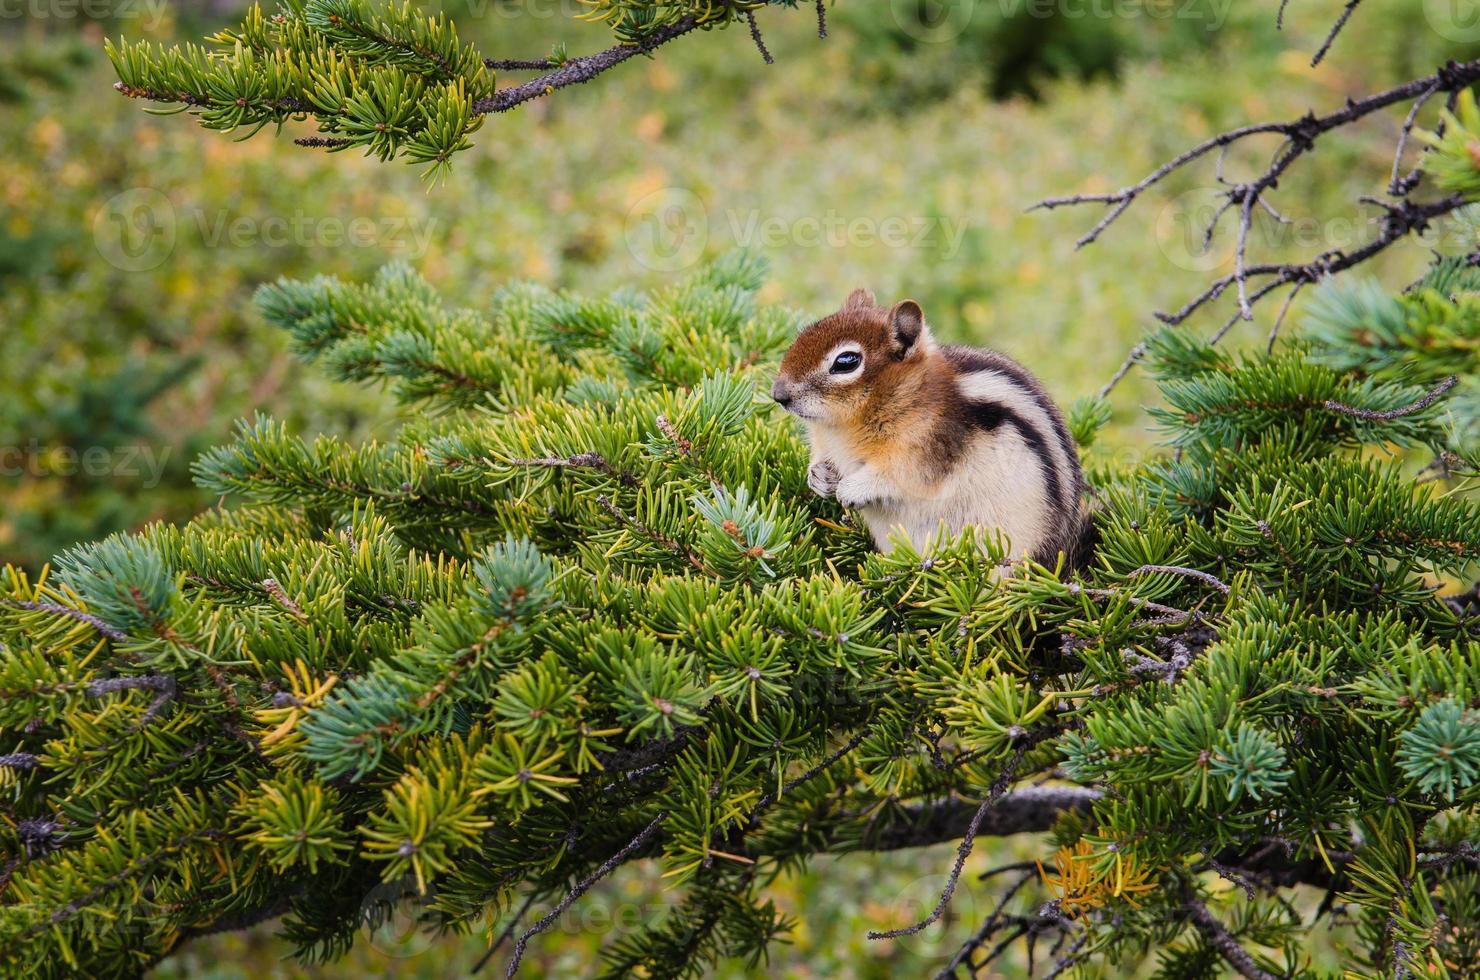 piccolo scoiattolo seduto su un albero verde foto